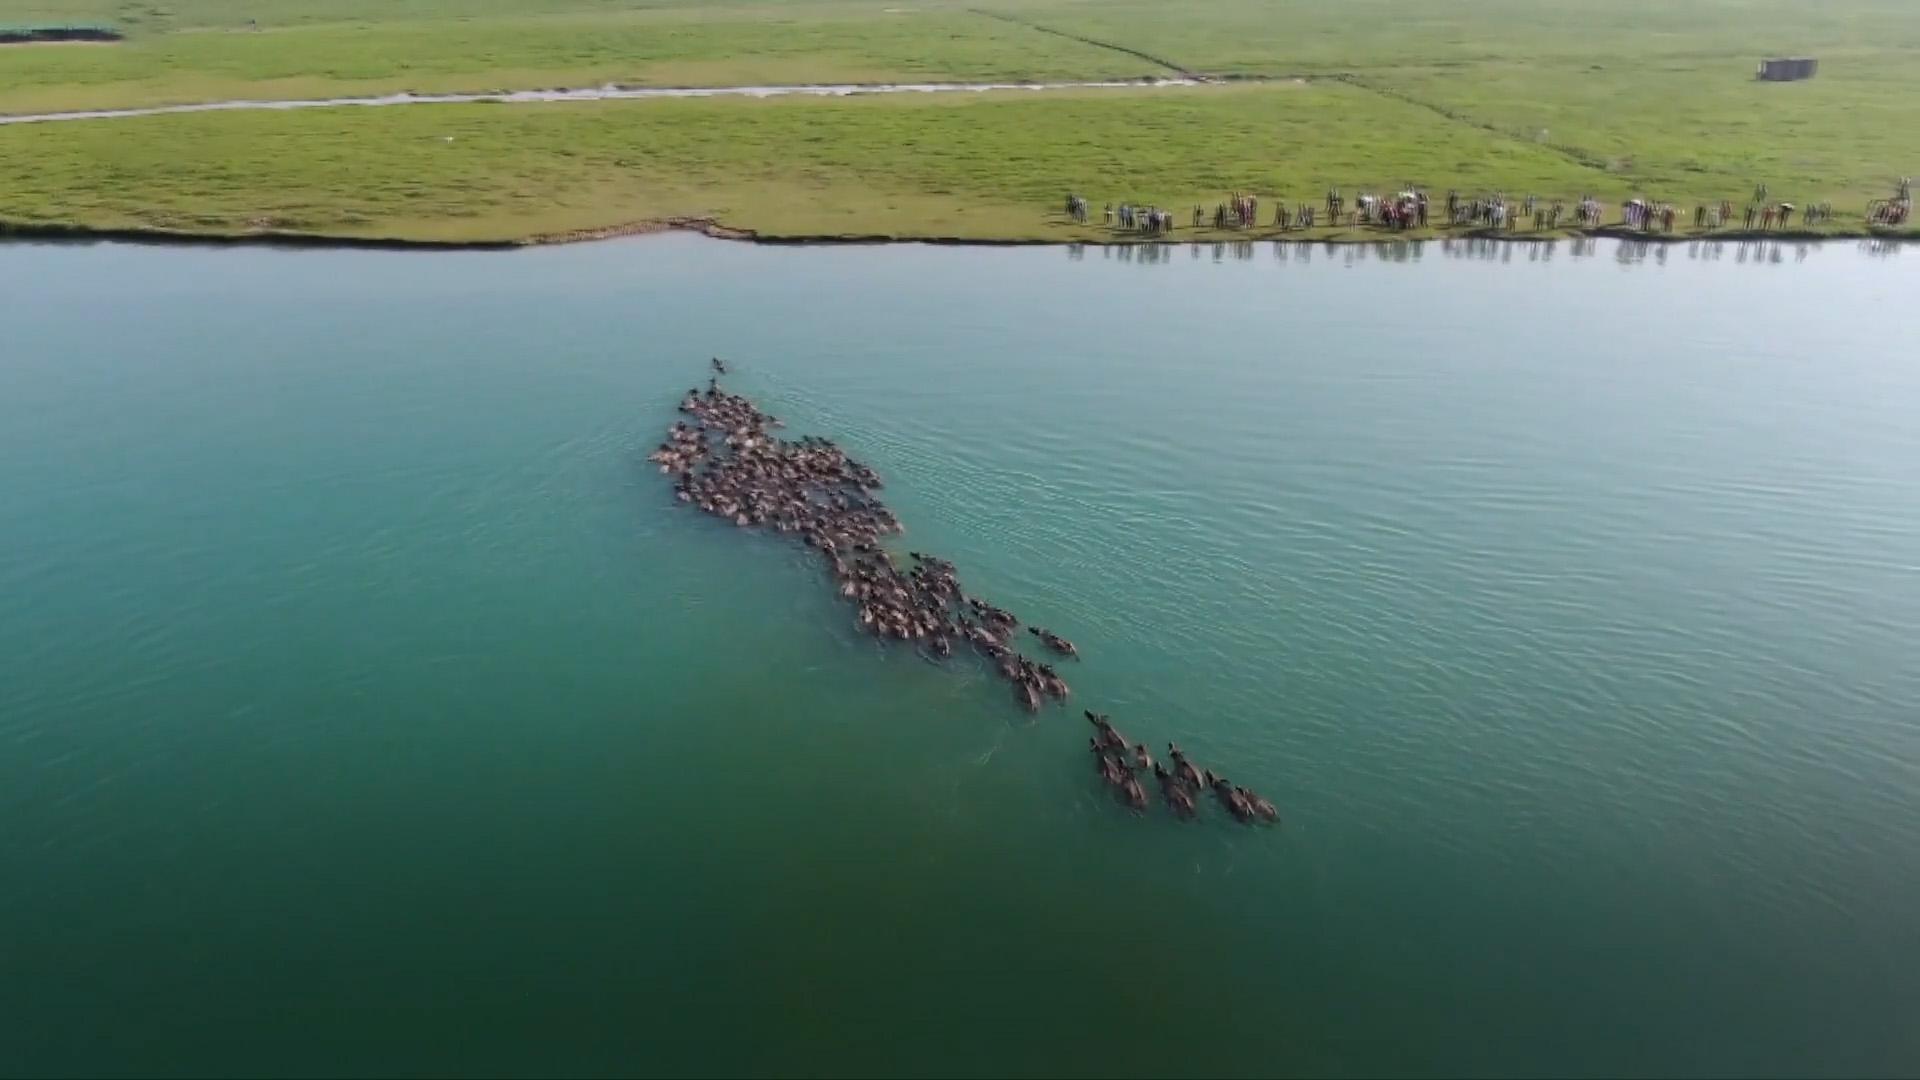 Hàng trăm con trâu nối đuôi nhau bơi qua sông